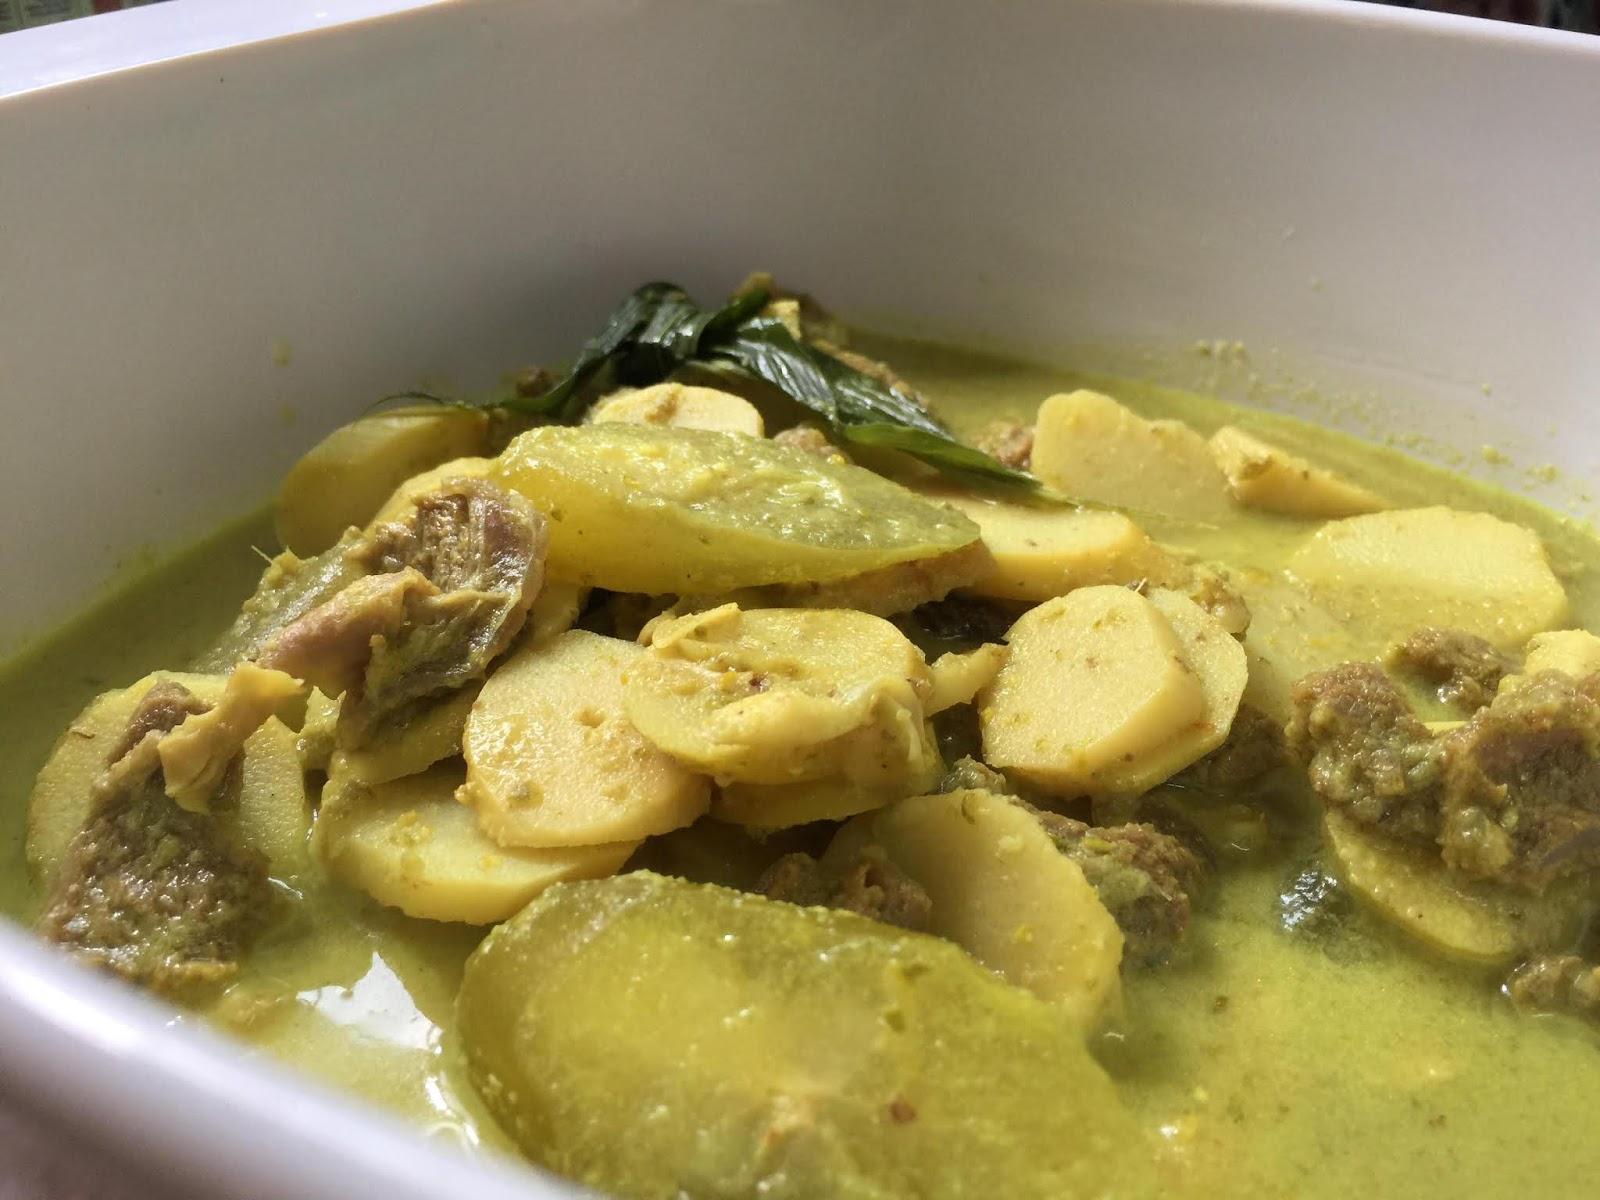 masakan kampung, masak senang dan mudah, masakan sedap, selera kampung